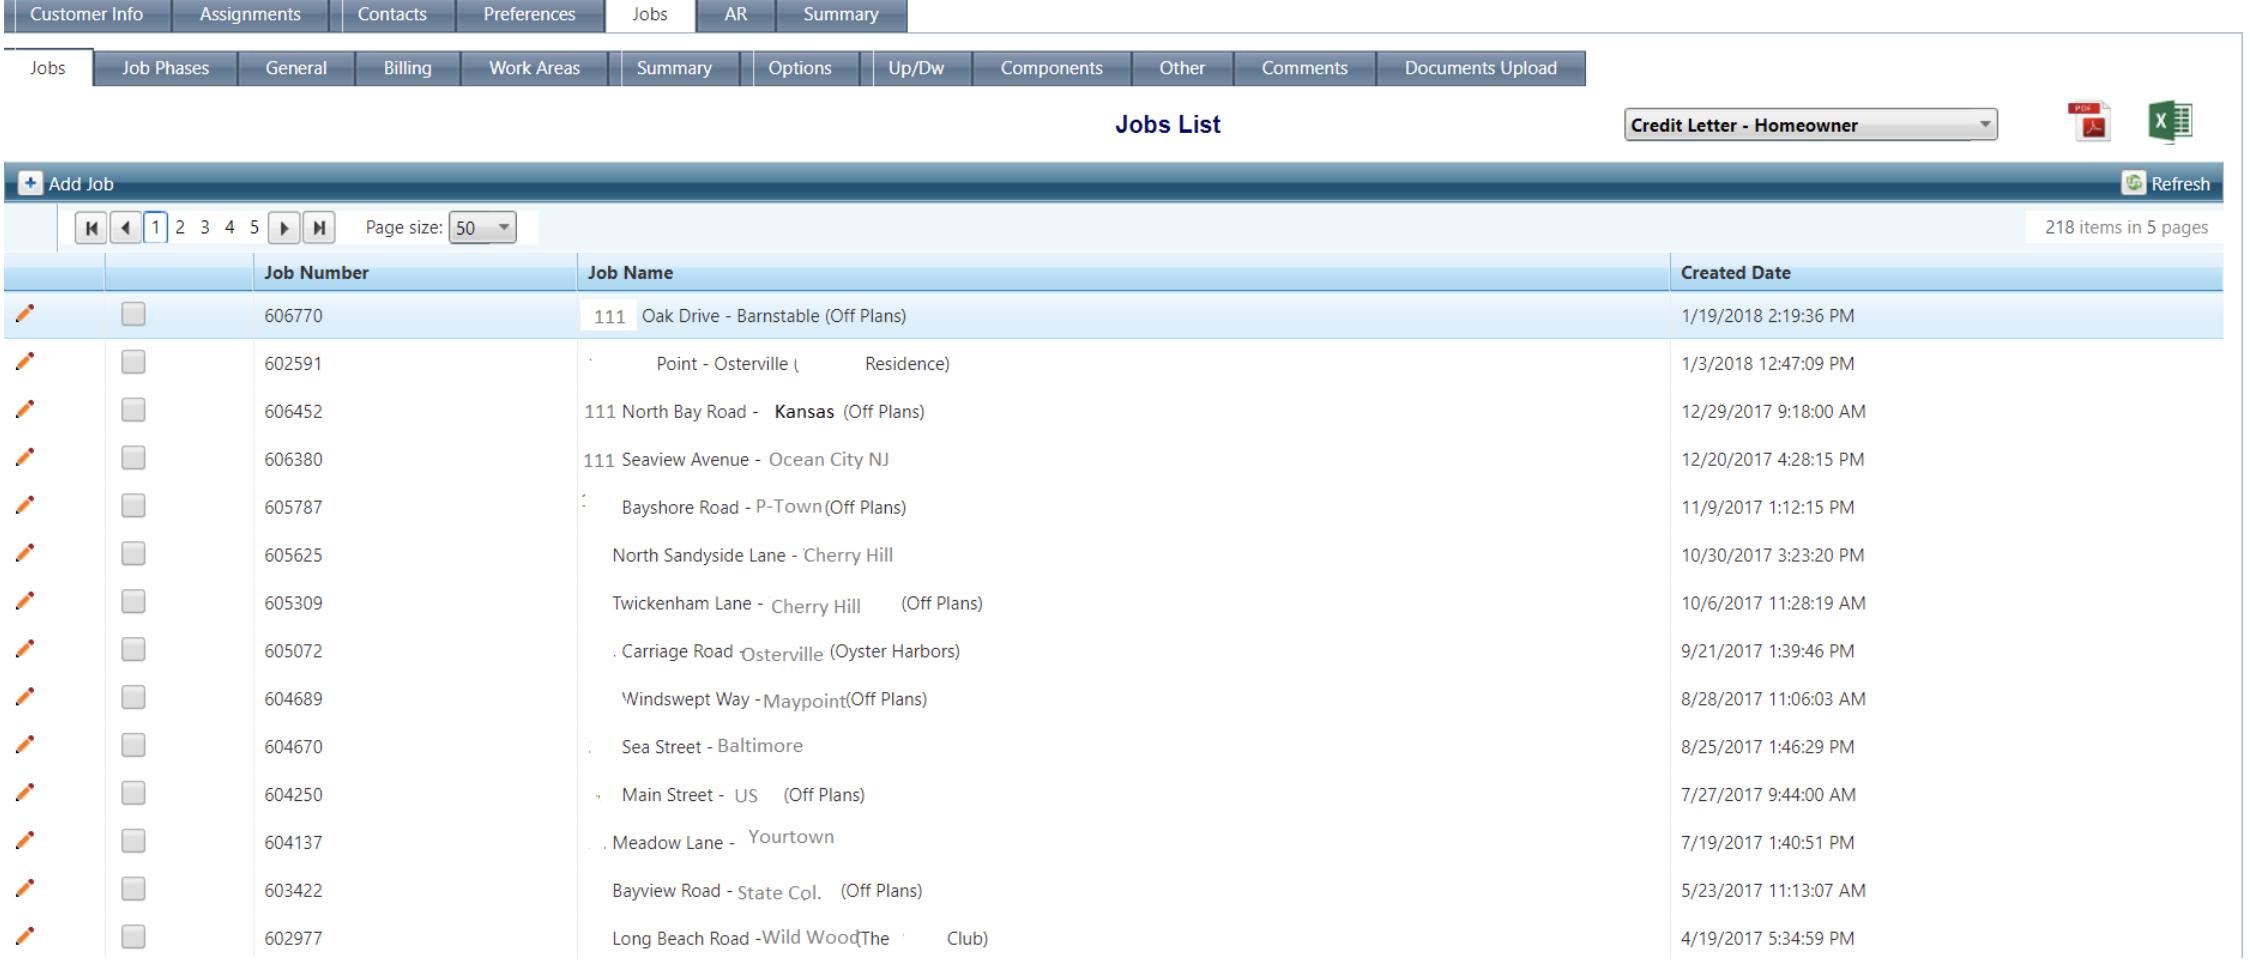 Estesys jobs list